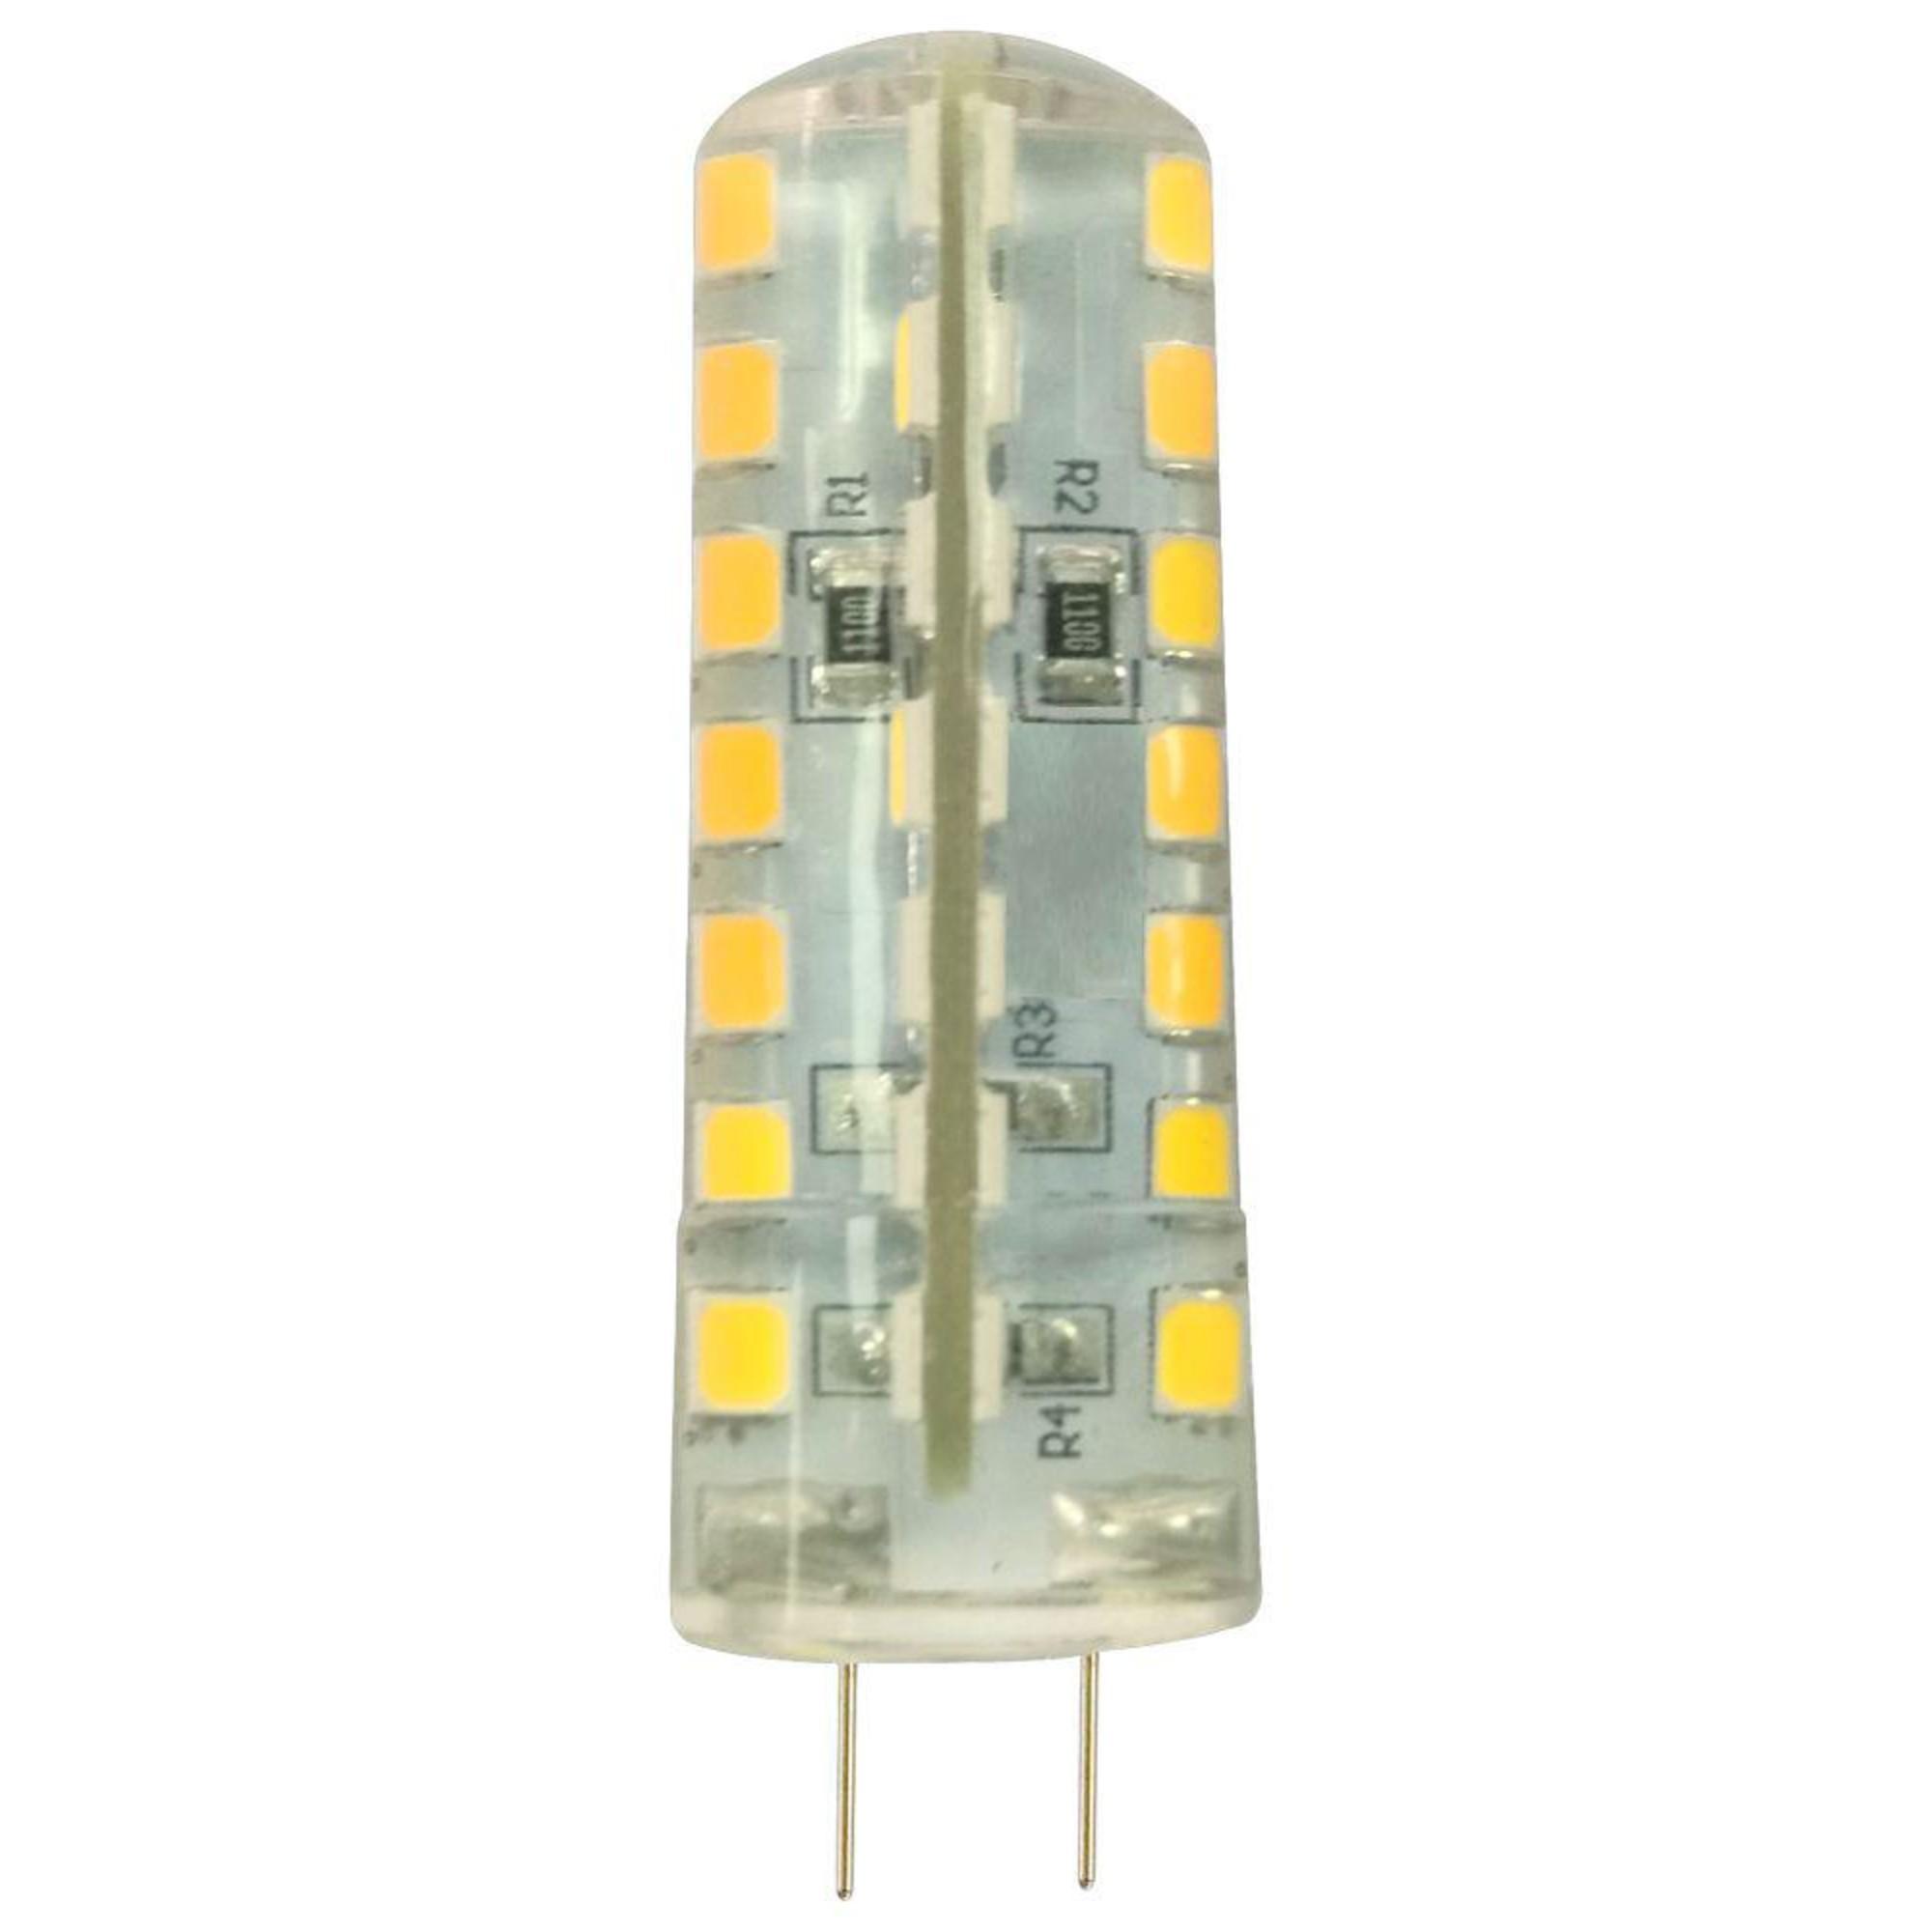 Лампа Ecola стандарт светодионая G4 4 Вт капсула 320 Лм теплый свет